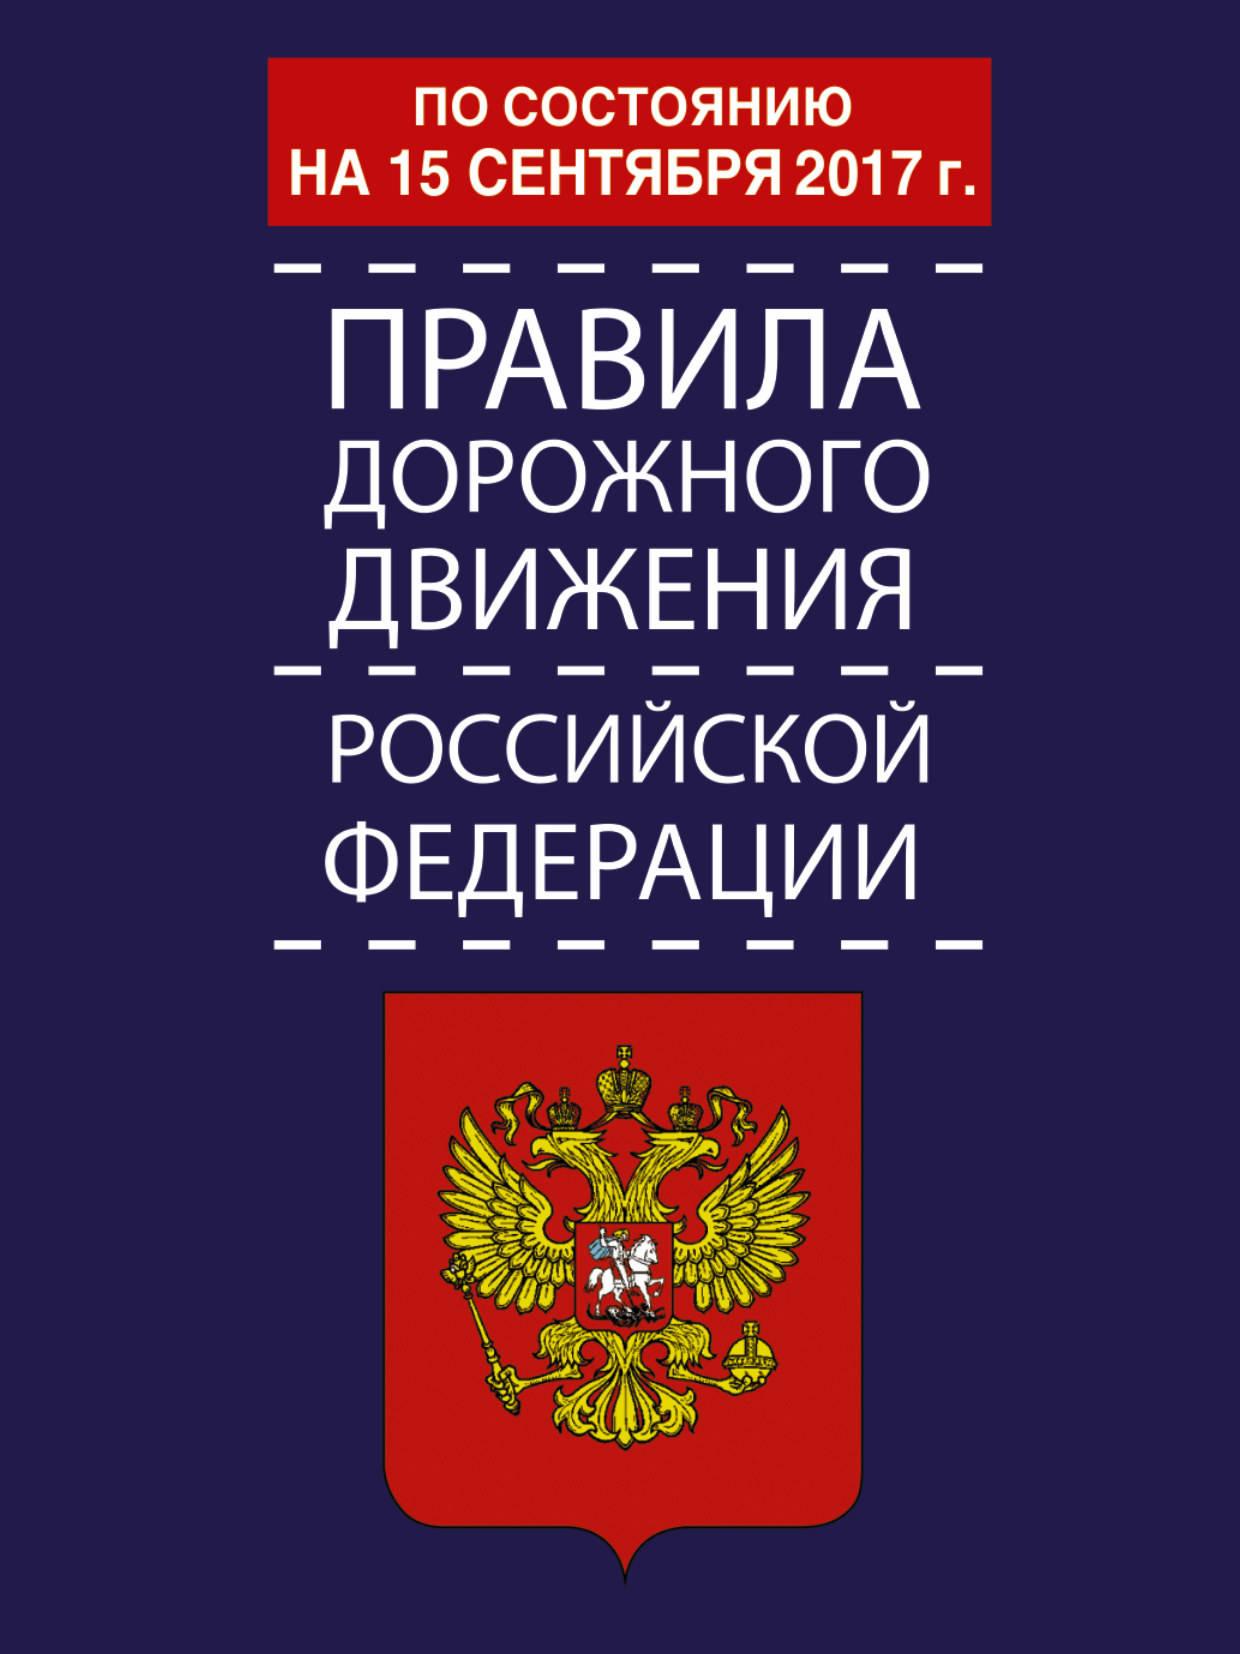 Правила дорожного движения Российской Федерации по состоянию какую машину начинающему водителю недорого